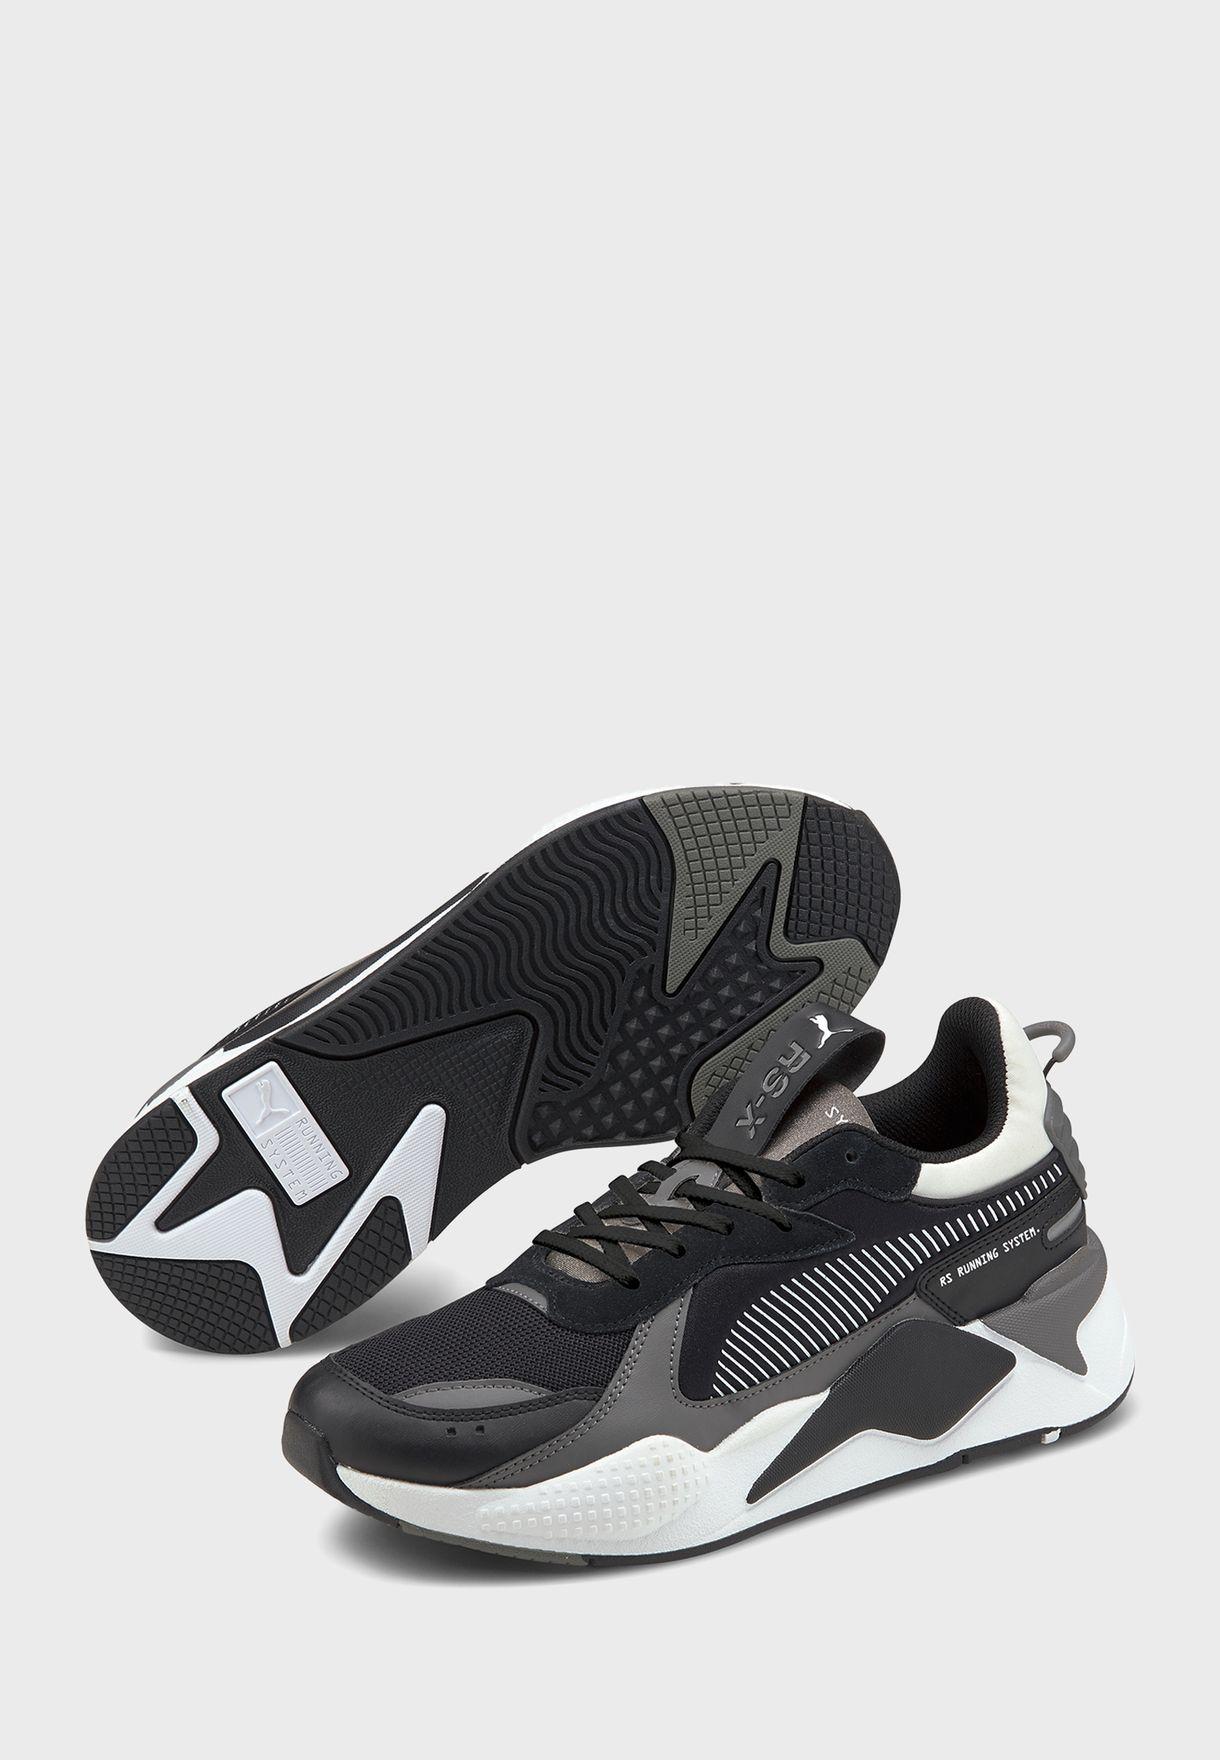 حذاء اراس - اكس ميكس